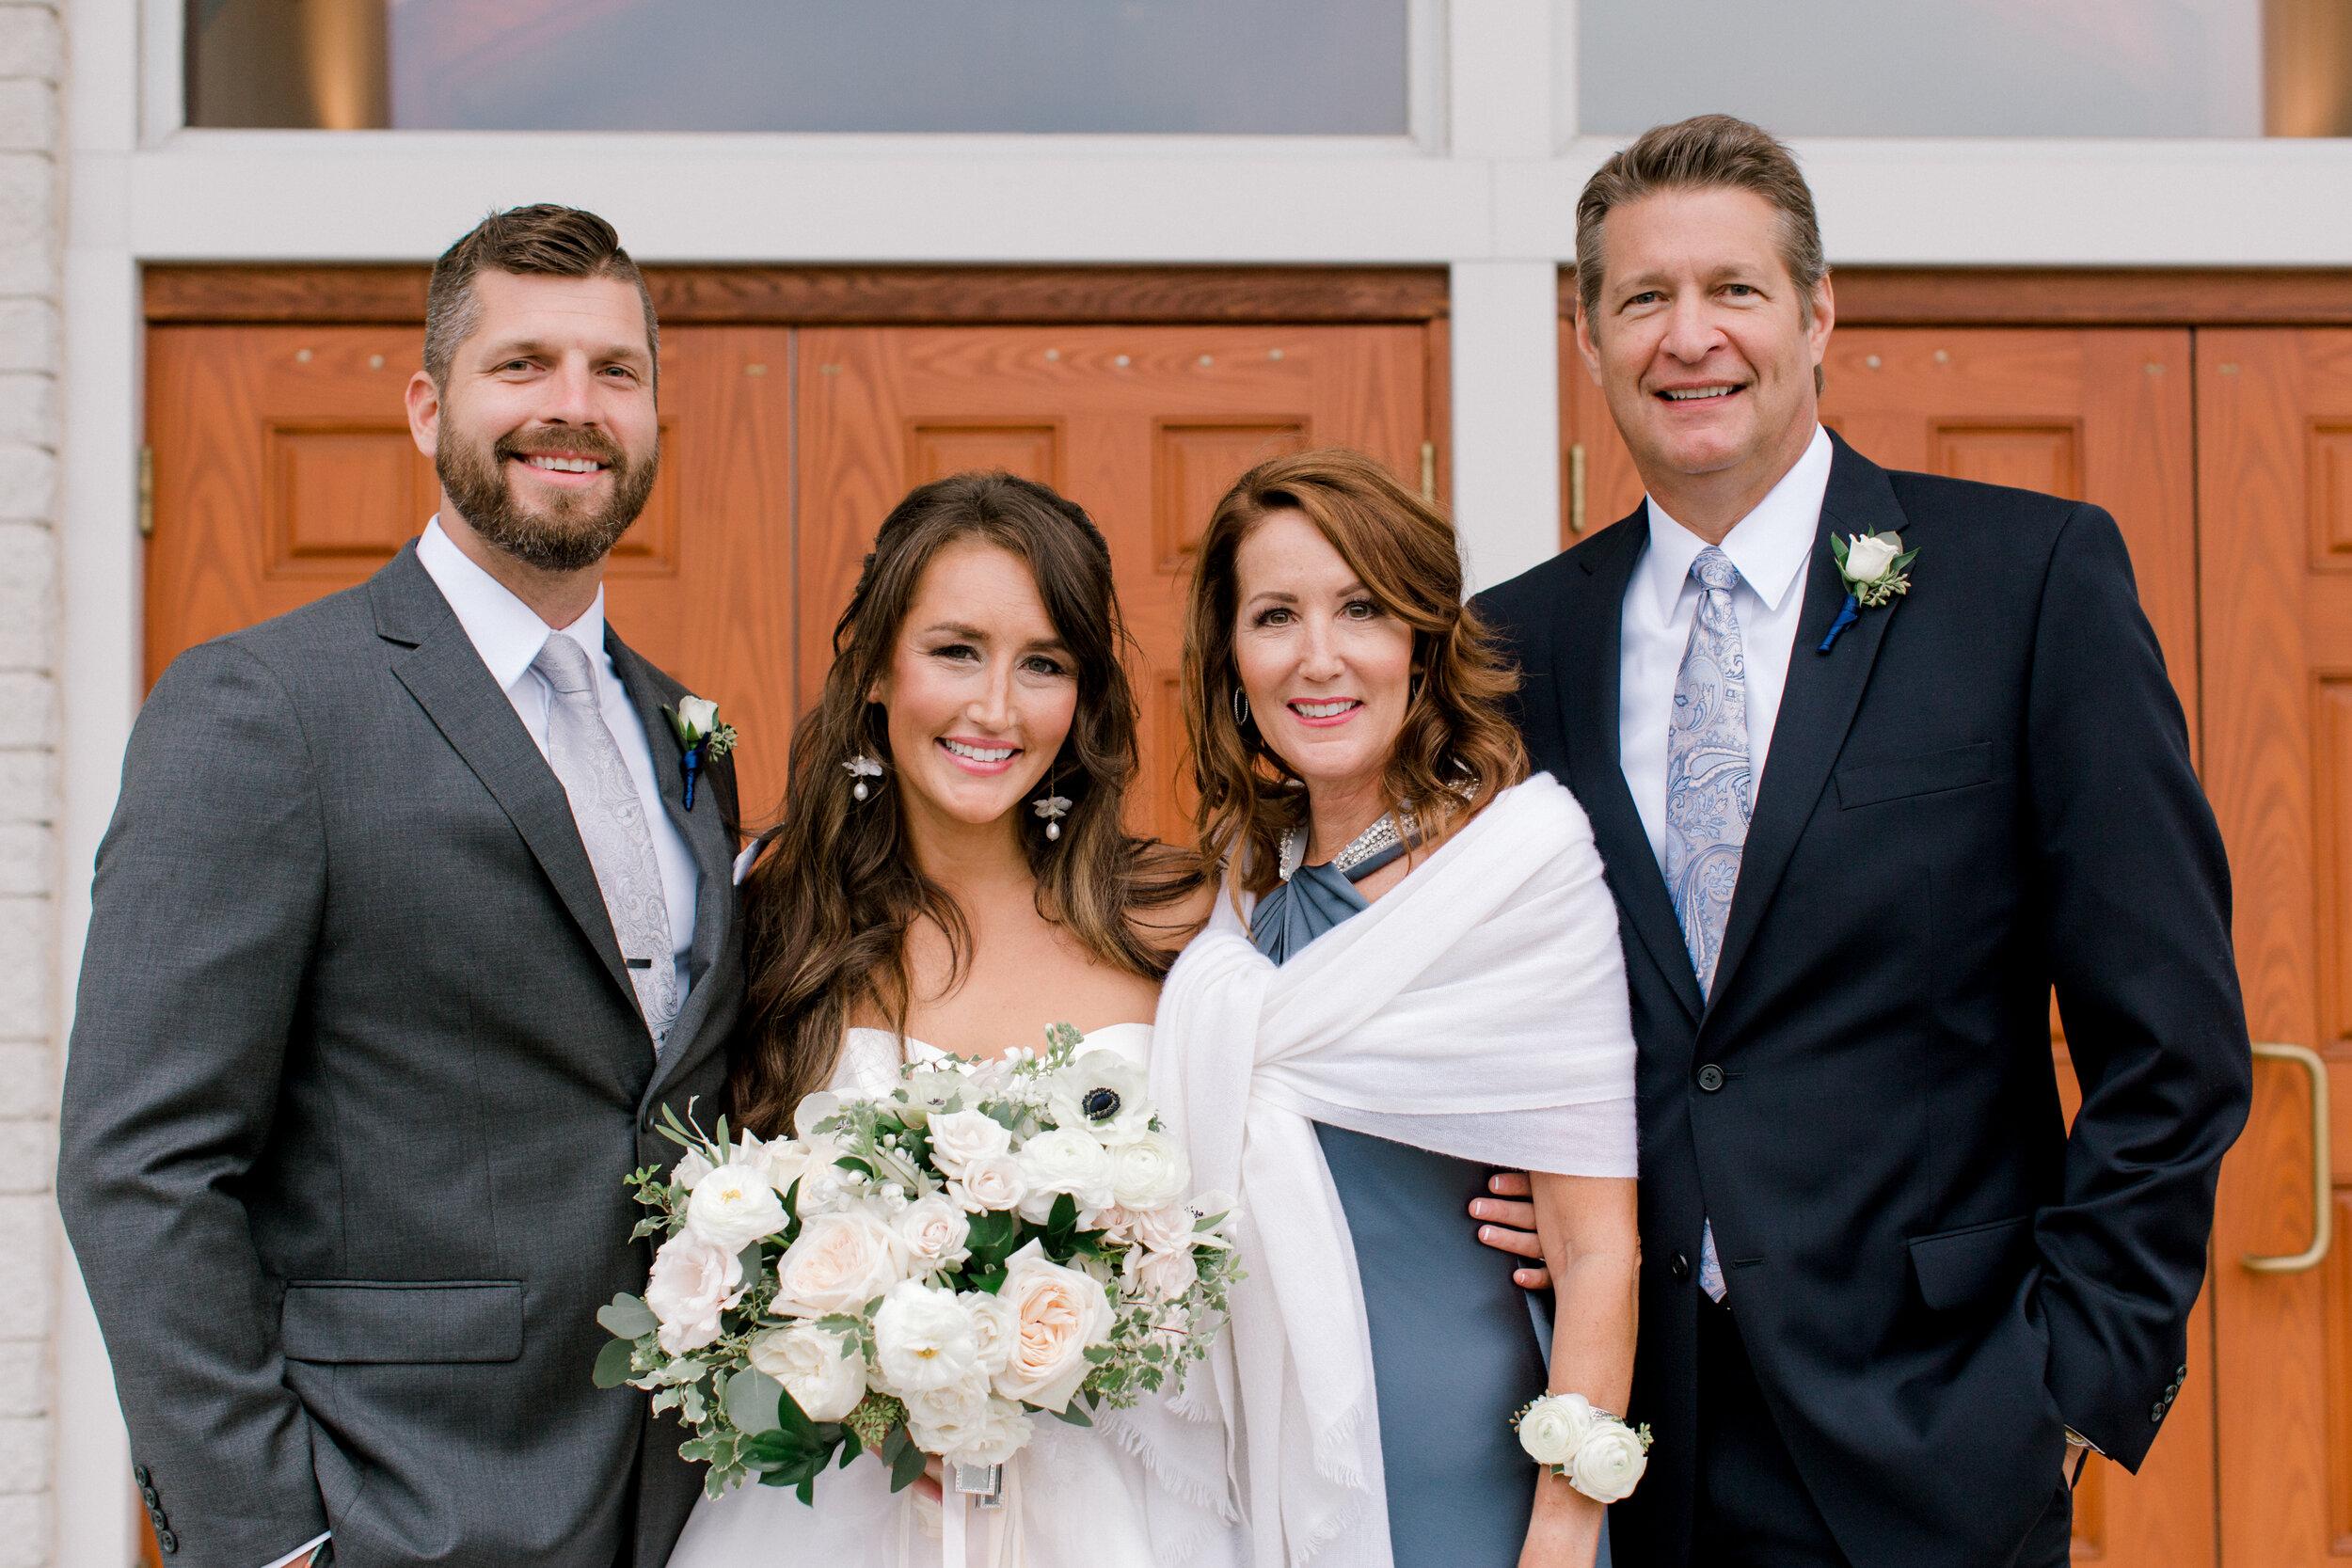 Kuiper+Wedding+Family-14.jpg